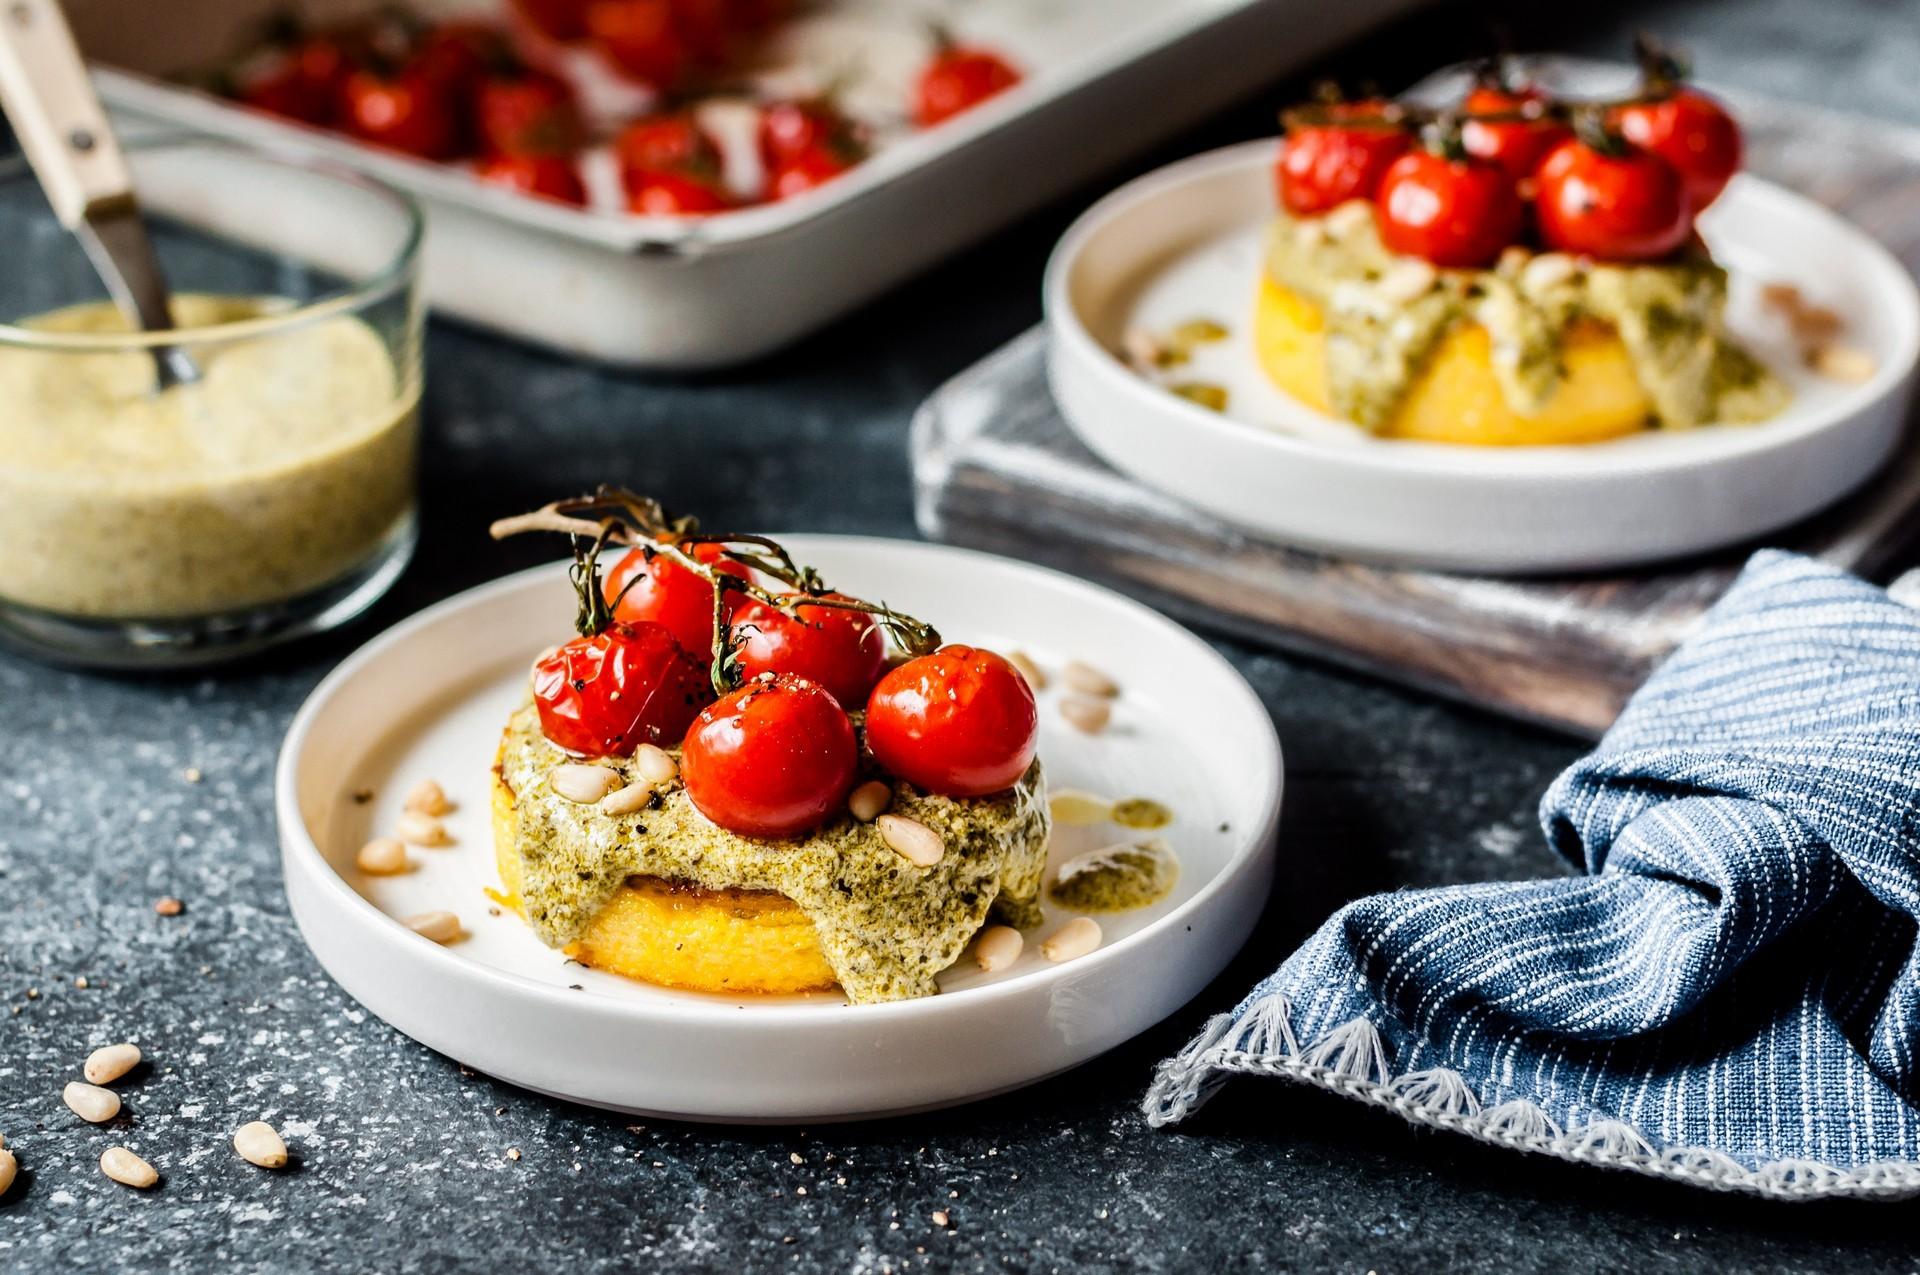 Polenta s pestom, paradižniki in parmezanom